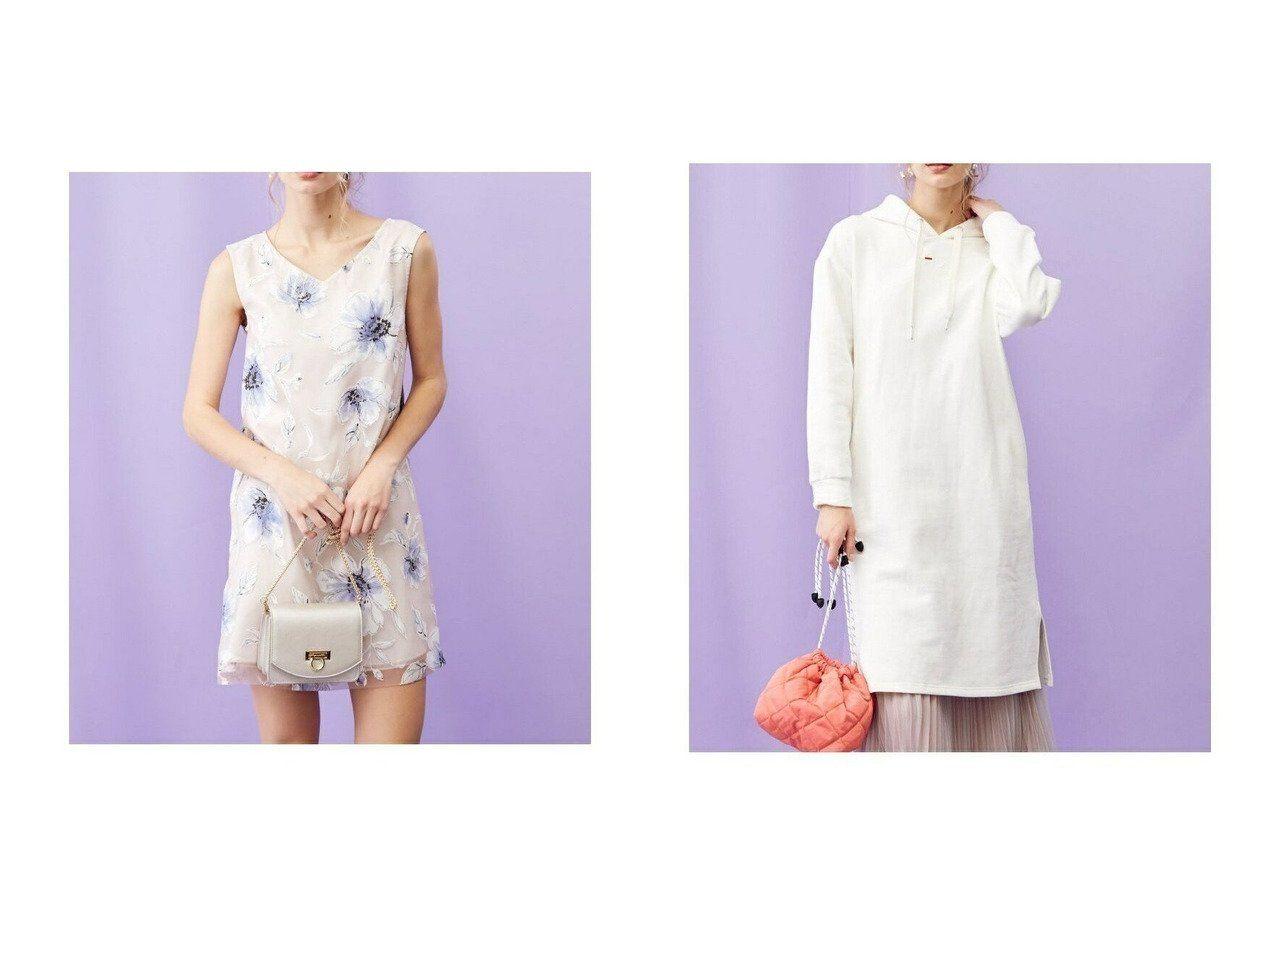 ce51835fffee2 ワンピース・ドレスのおすすめ!人気、春夏ファッションの通販  MERCURYDUO